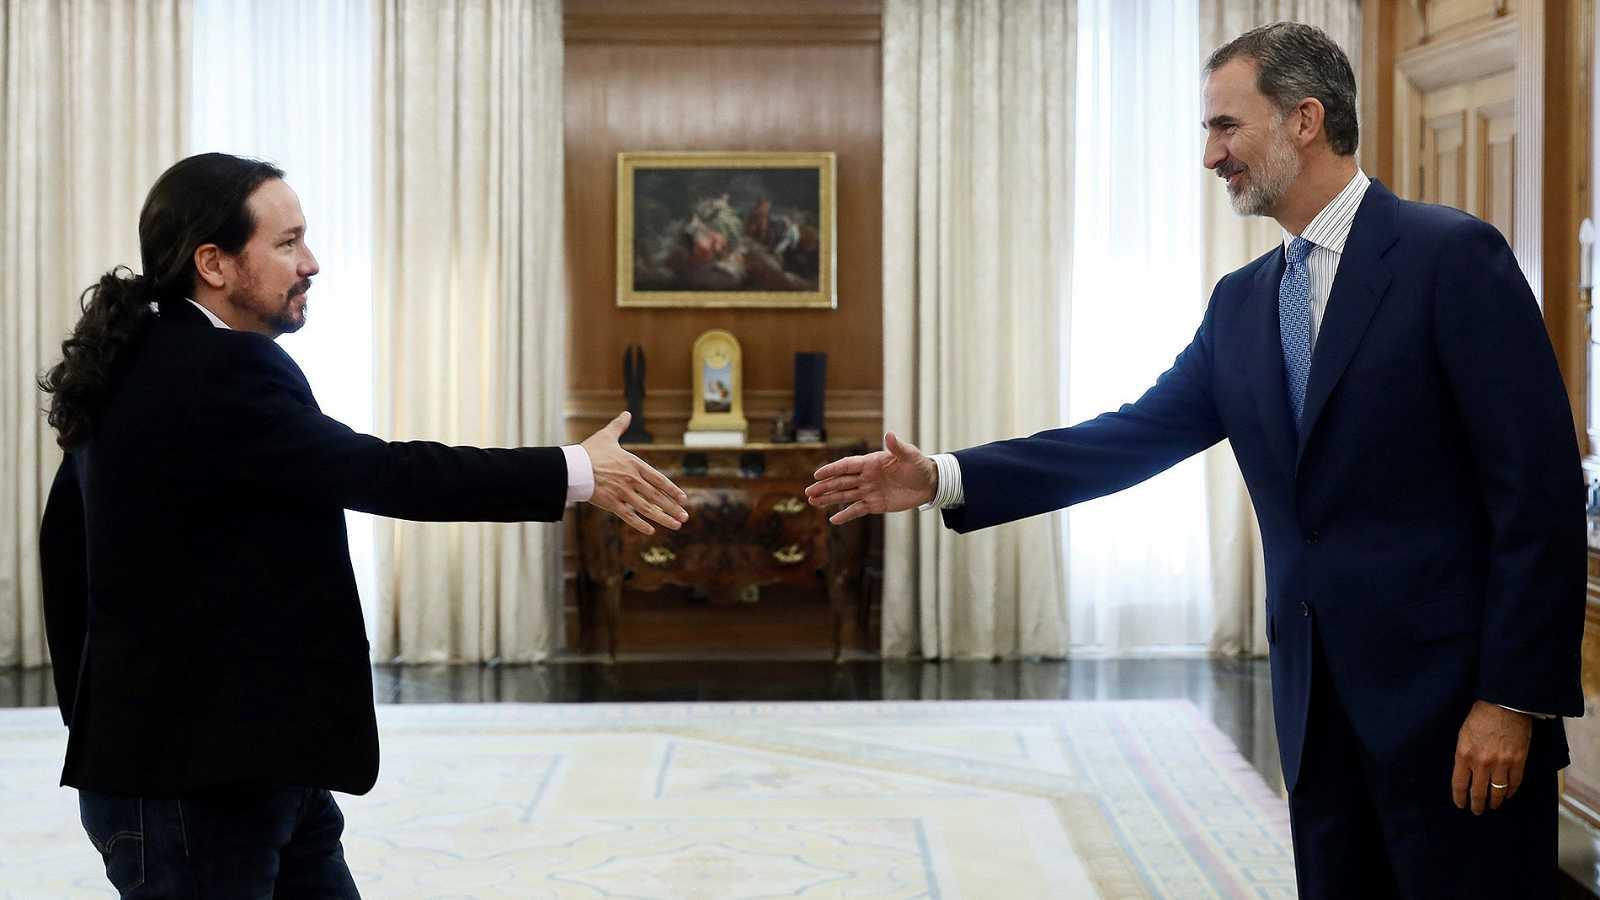 El neocomunista Pablo Iglesias y el Rey de España